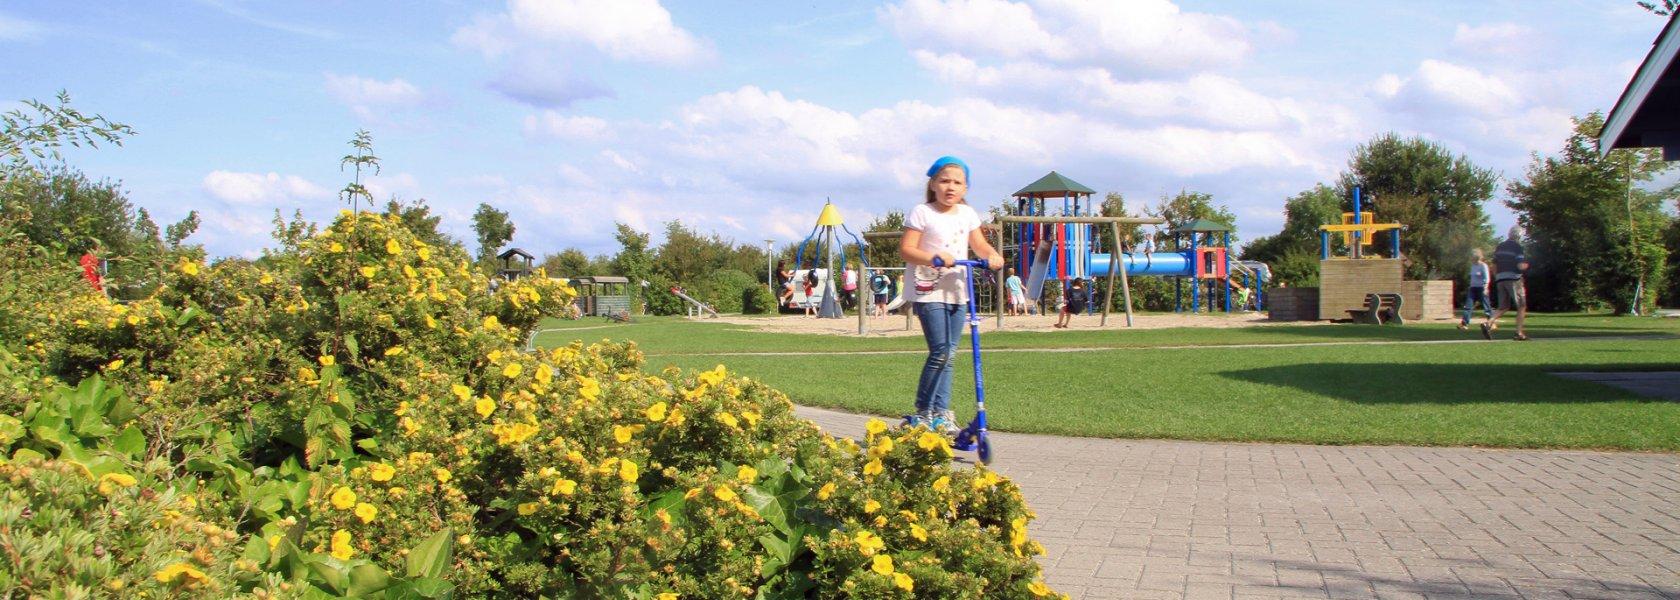 Kinderspielplatz, © Nordsee-Camp Norddeich GmbH